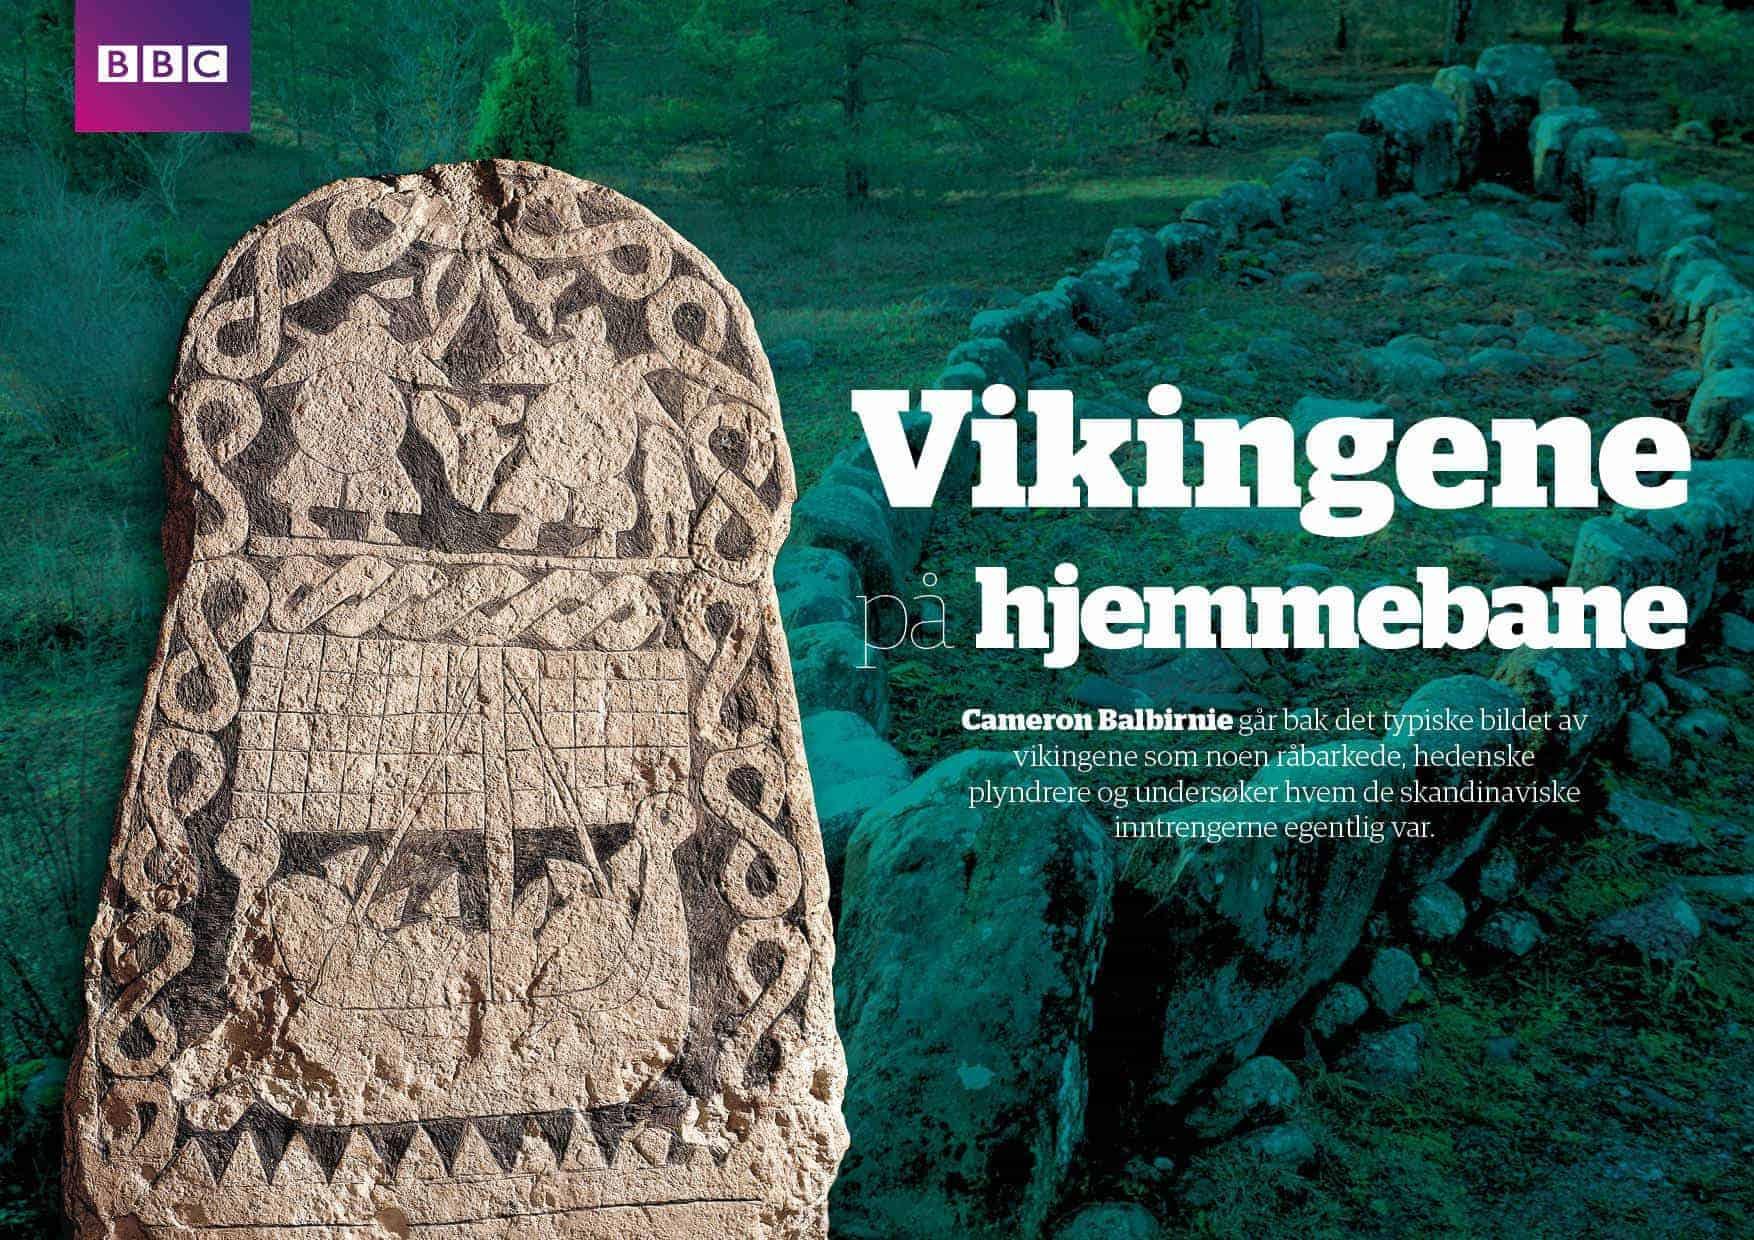 Vikingene på hjemmebane